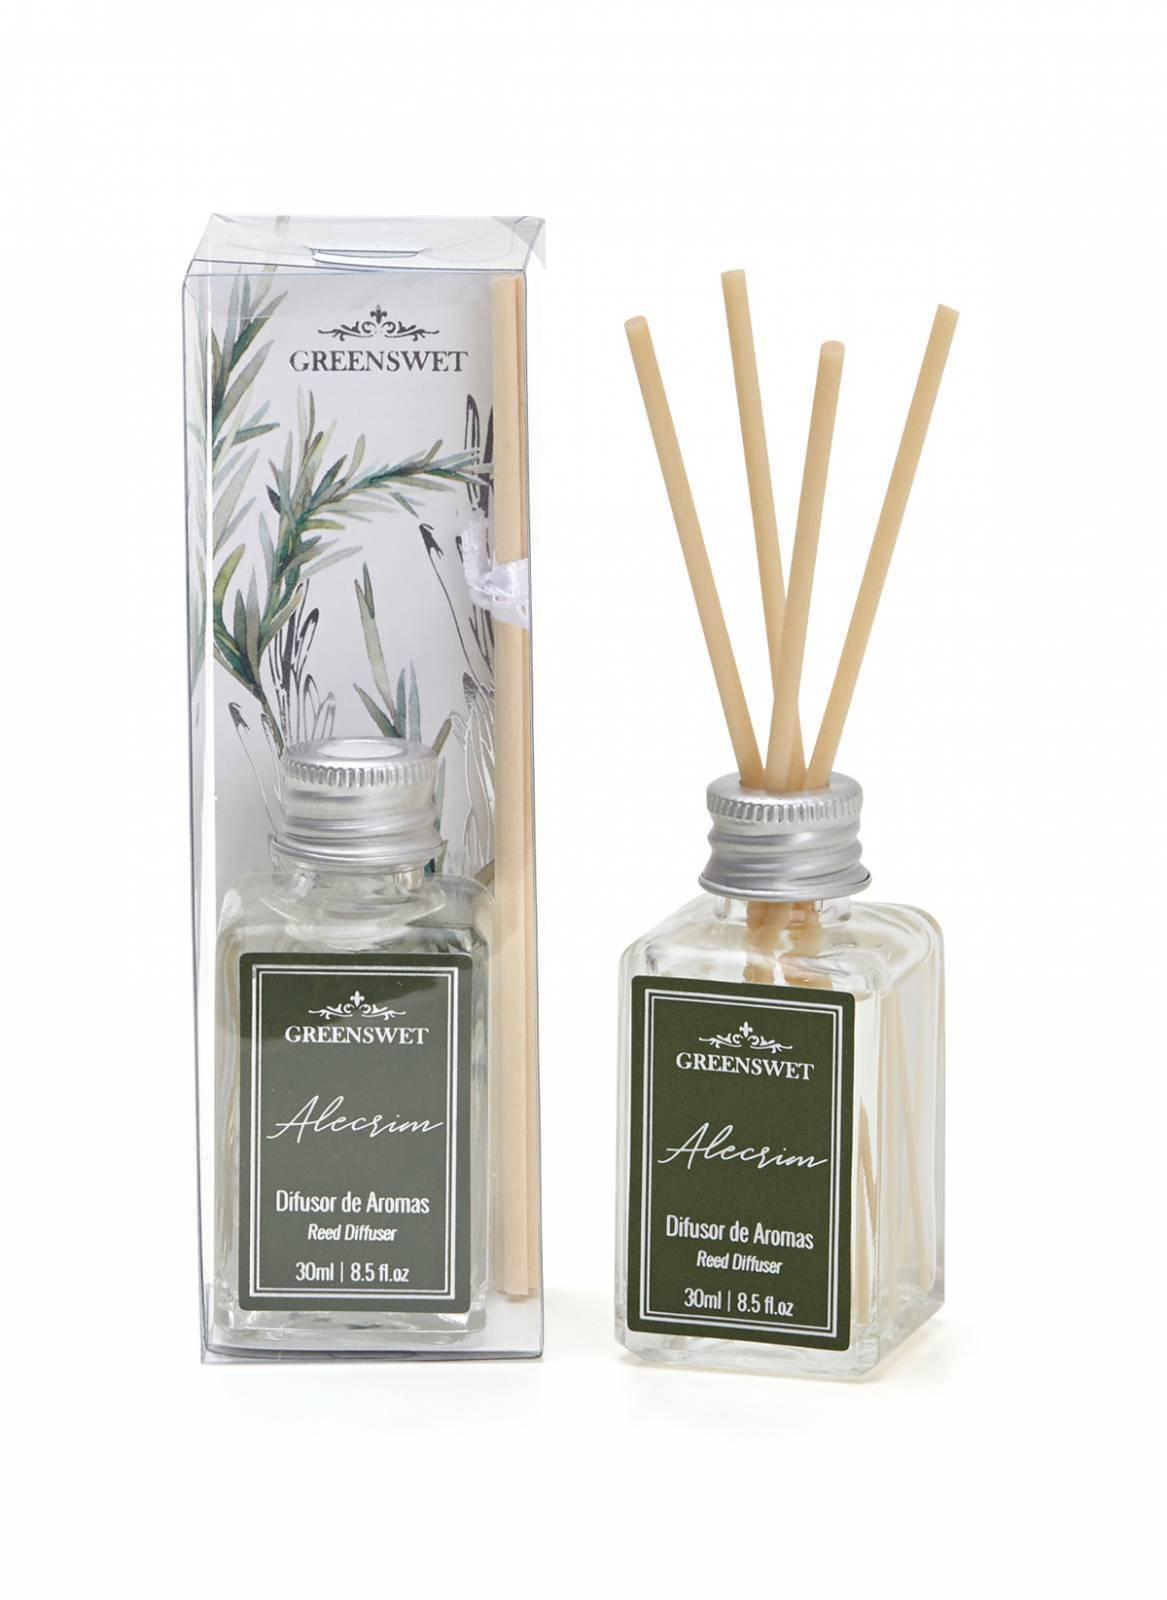 Difusor de Aromas 30ml Essência Alecrim - Greenswet Aromatizantes